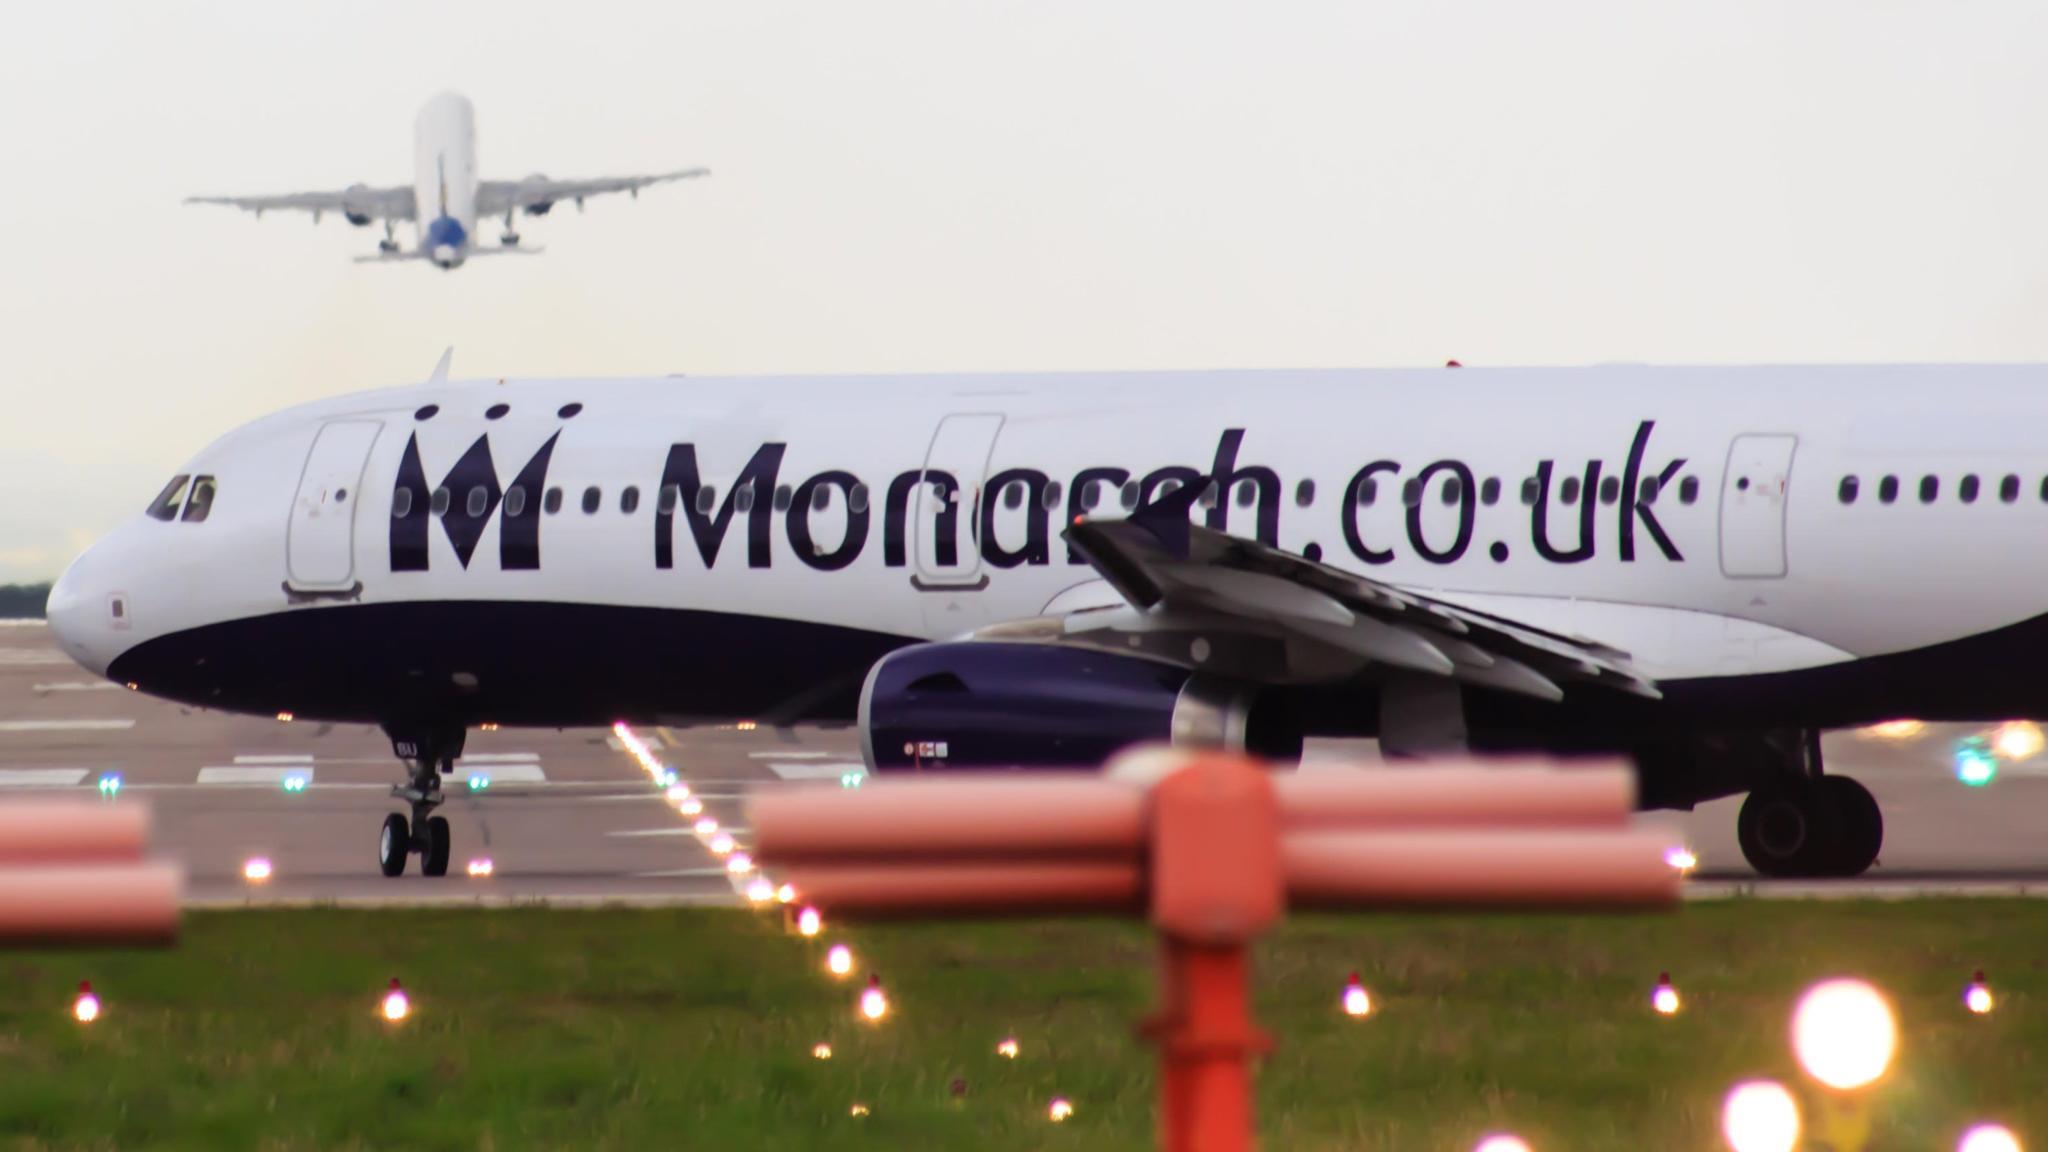 Resultado de imagen para Monarch Airlines Greybull Capital